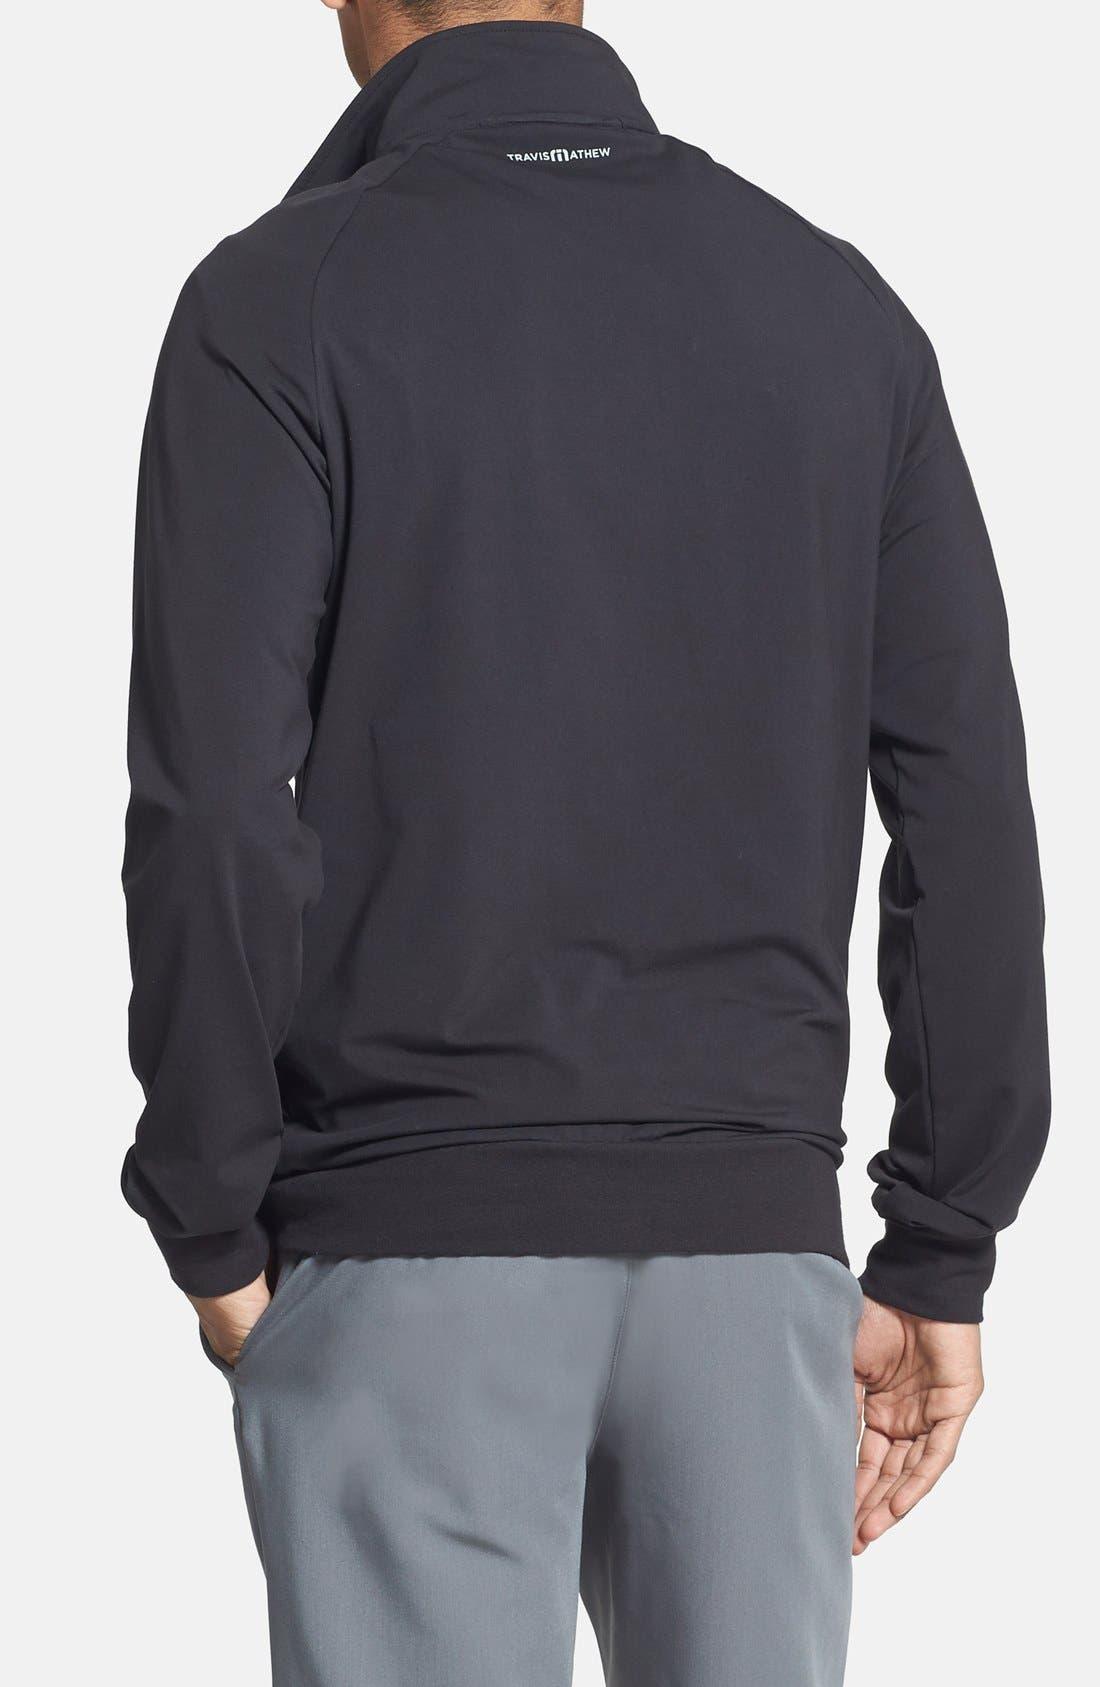 'Strange Love' Trim Fit Wrinkle Resistant Quarter Zip Jacket,                             Alternate thumbnail 25, color,